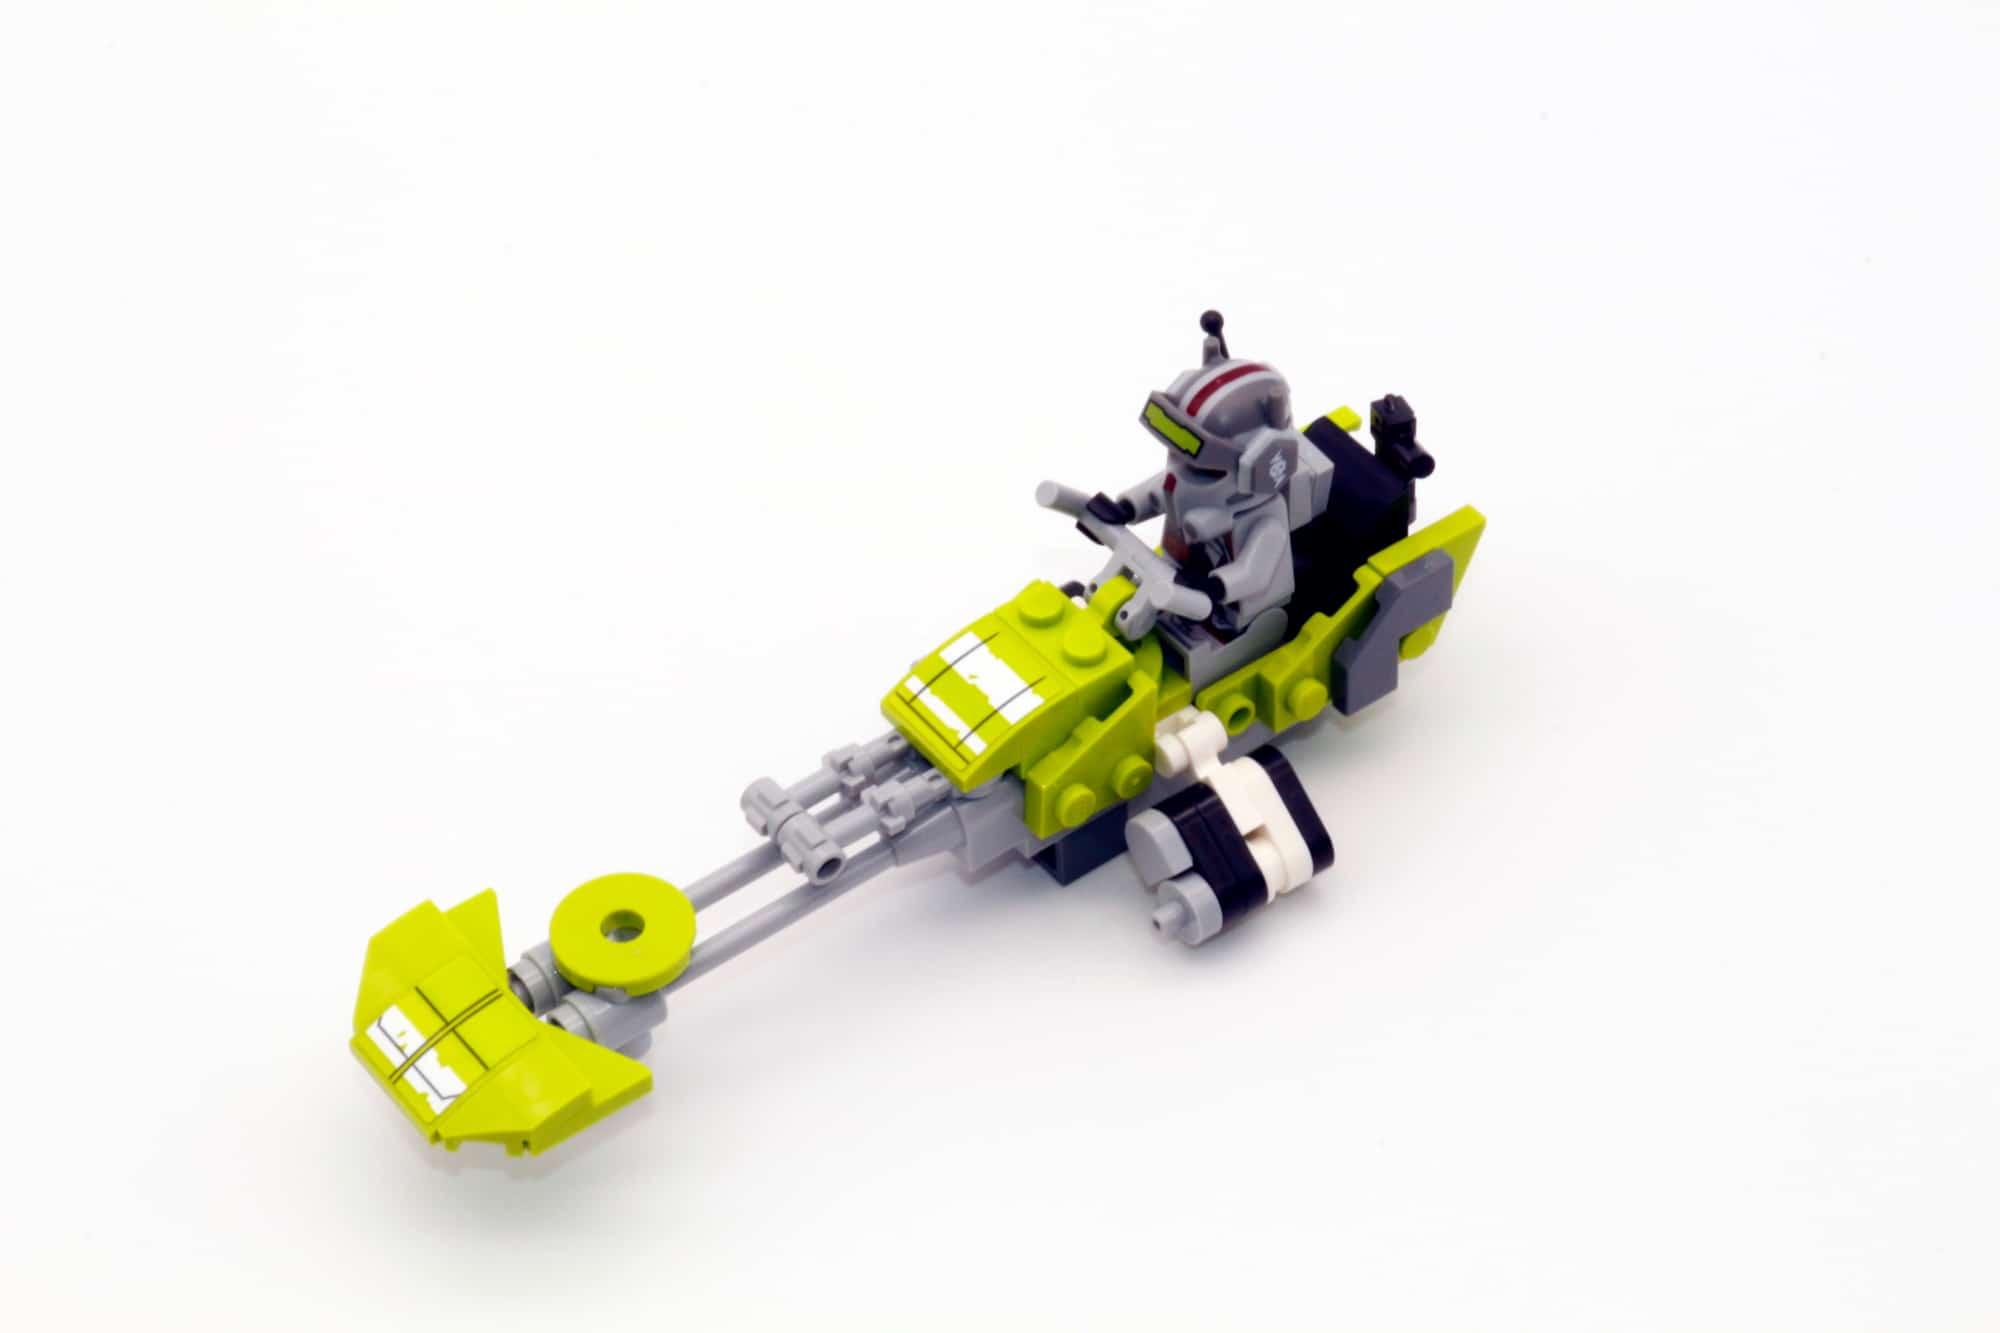 LEGO Star Wars 75314 The Bad Batch Attack Shuttle Speeder 2 mit Stickern